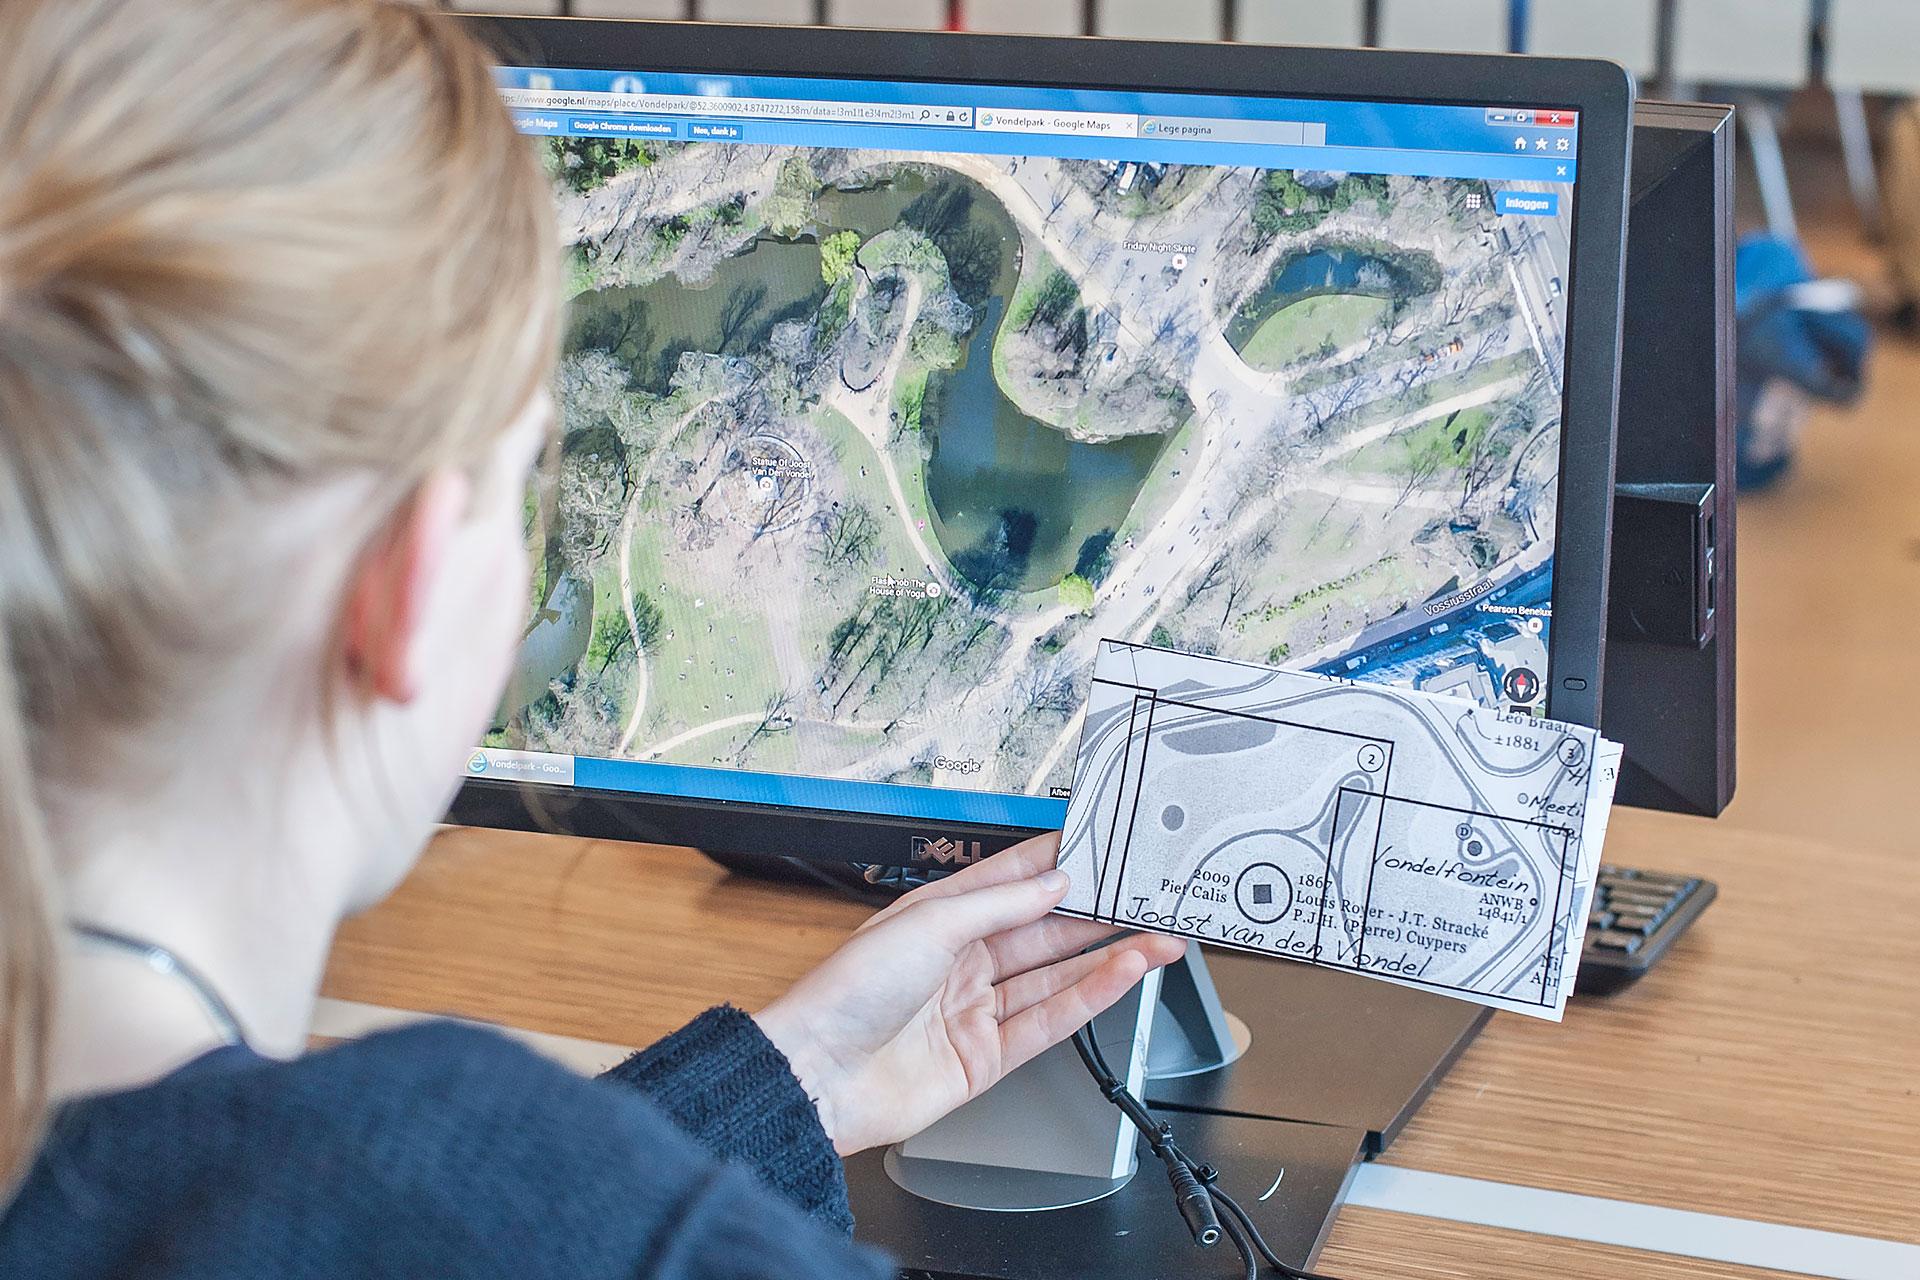 Schülerin vergleicht einen Kartenausschnit mit Google Maps auf dem PC